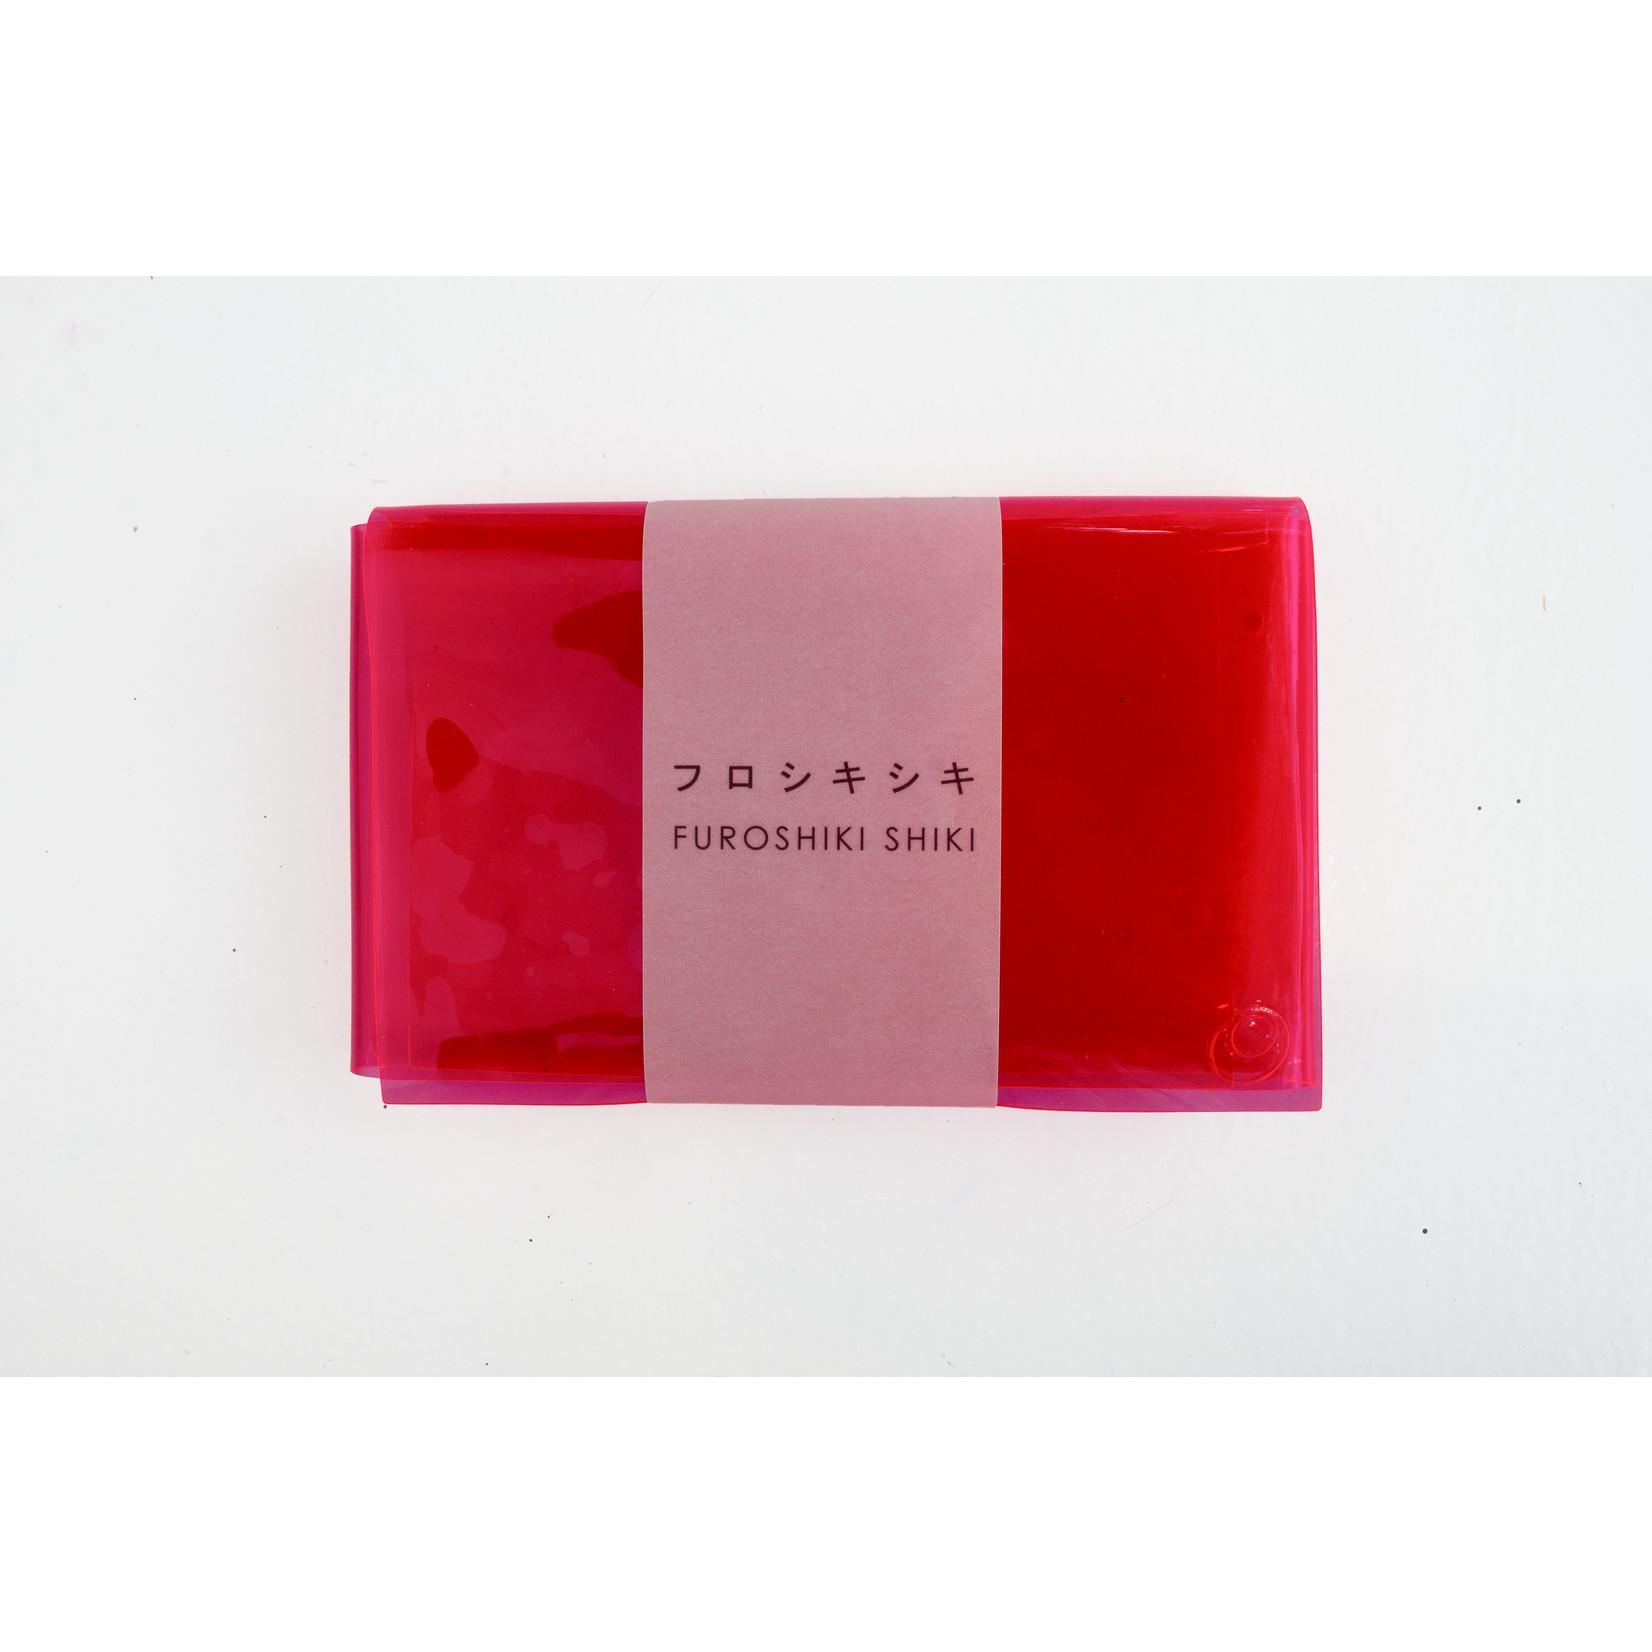 Based on Roots FUROSHIKI SHIKI / envelope bag